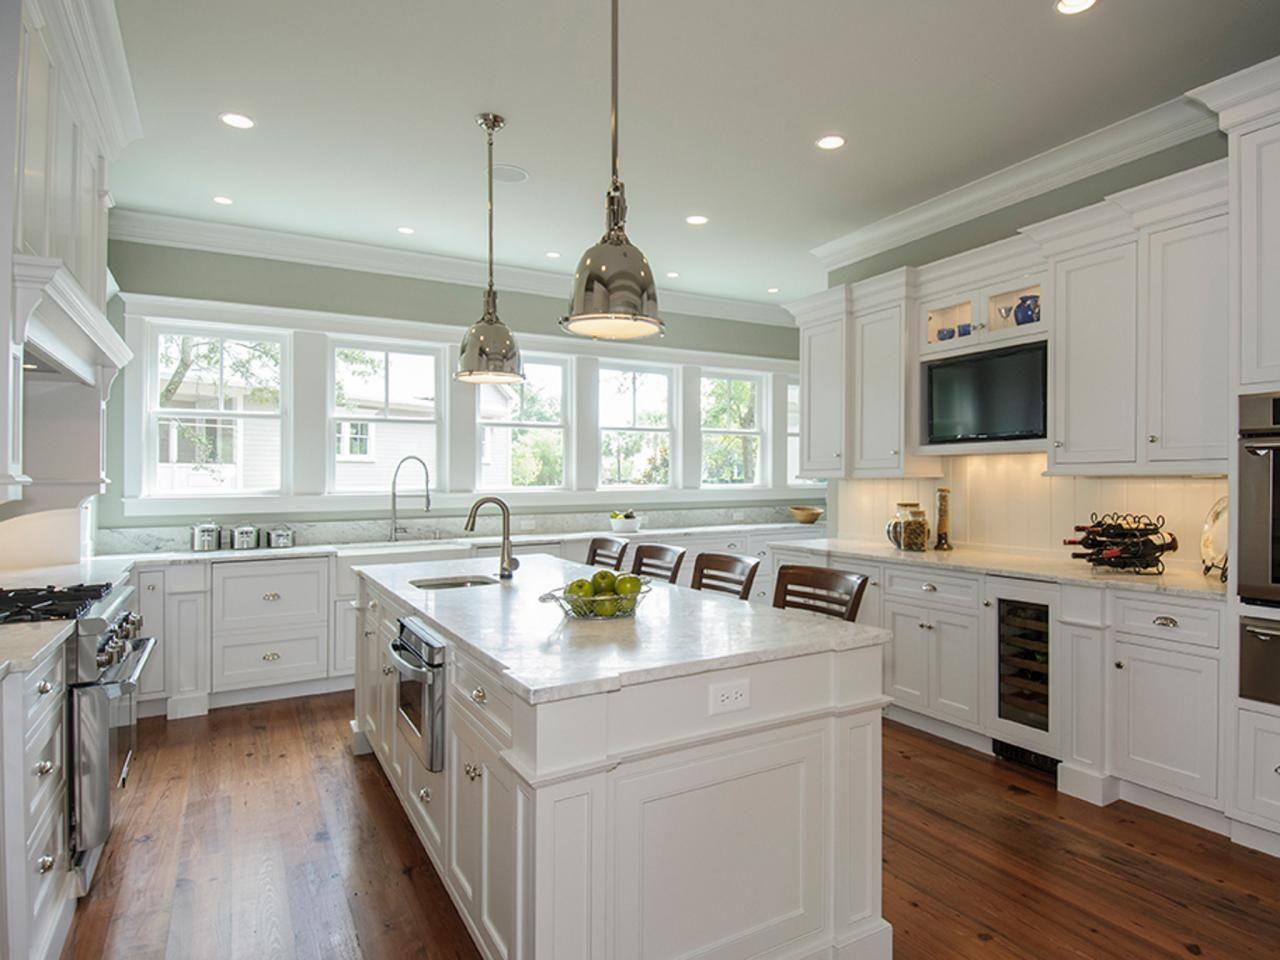 Küchendesign grau und weiß  schritte zum küchenmöbel zu malen  küche design   pinterest